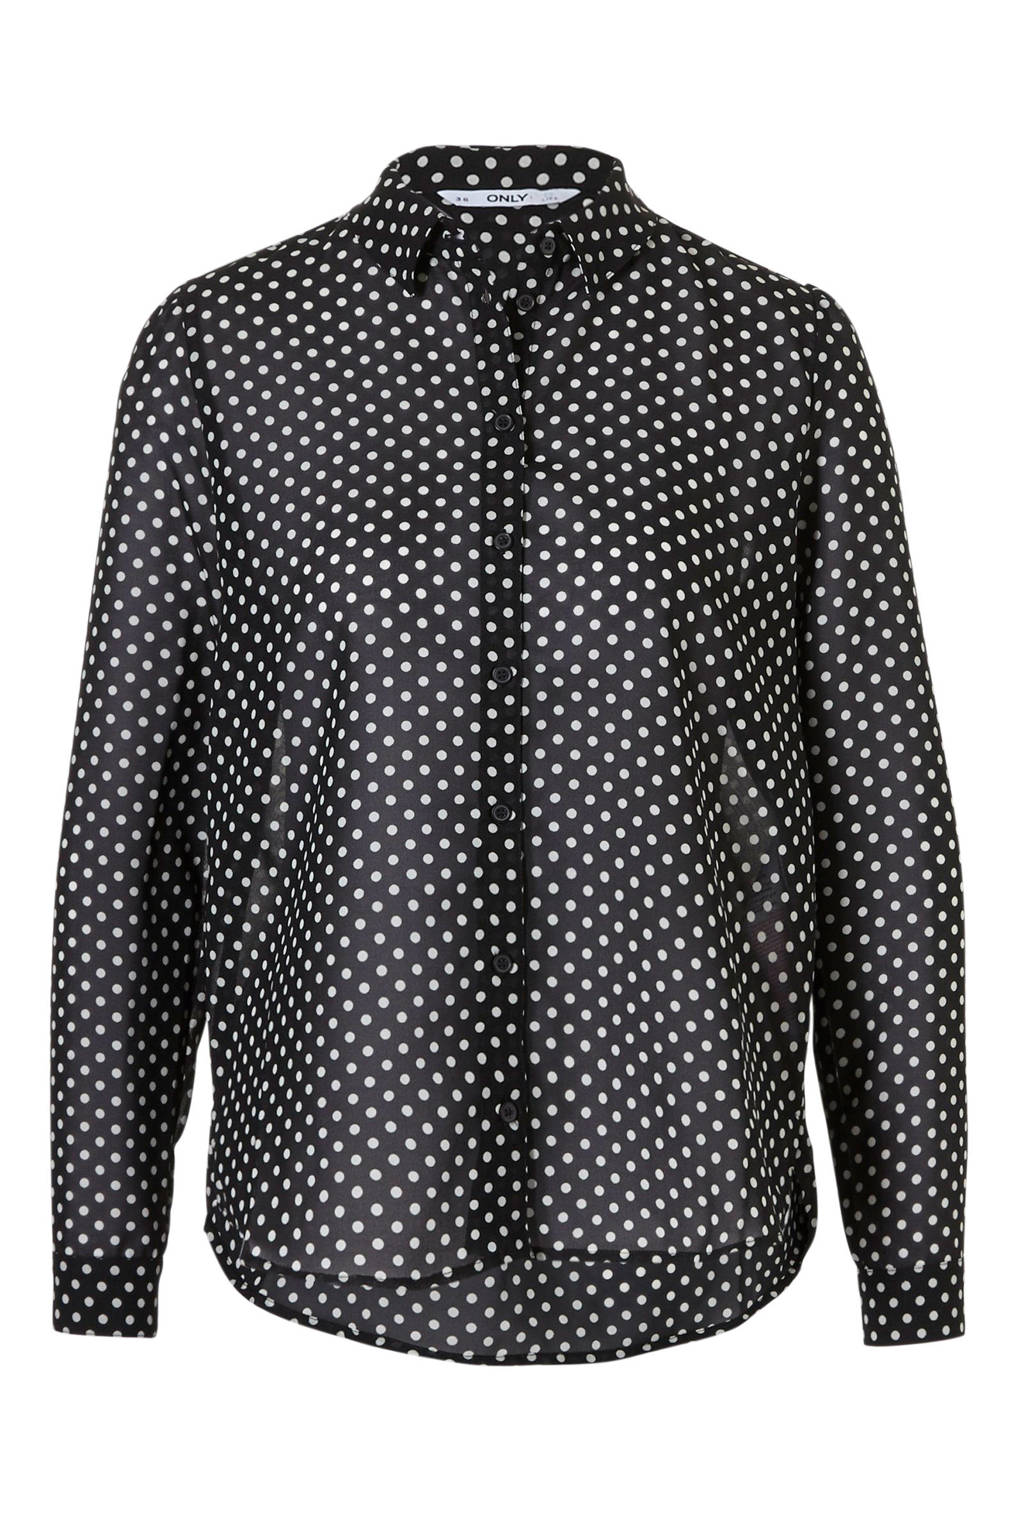 ONLY blouse met stippen, Zwart